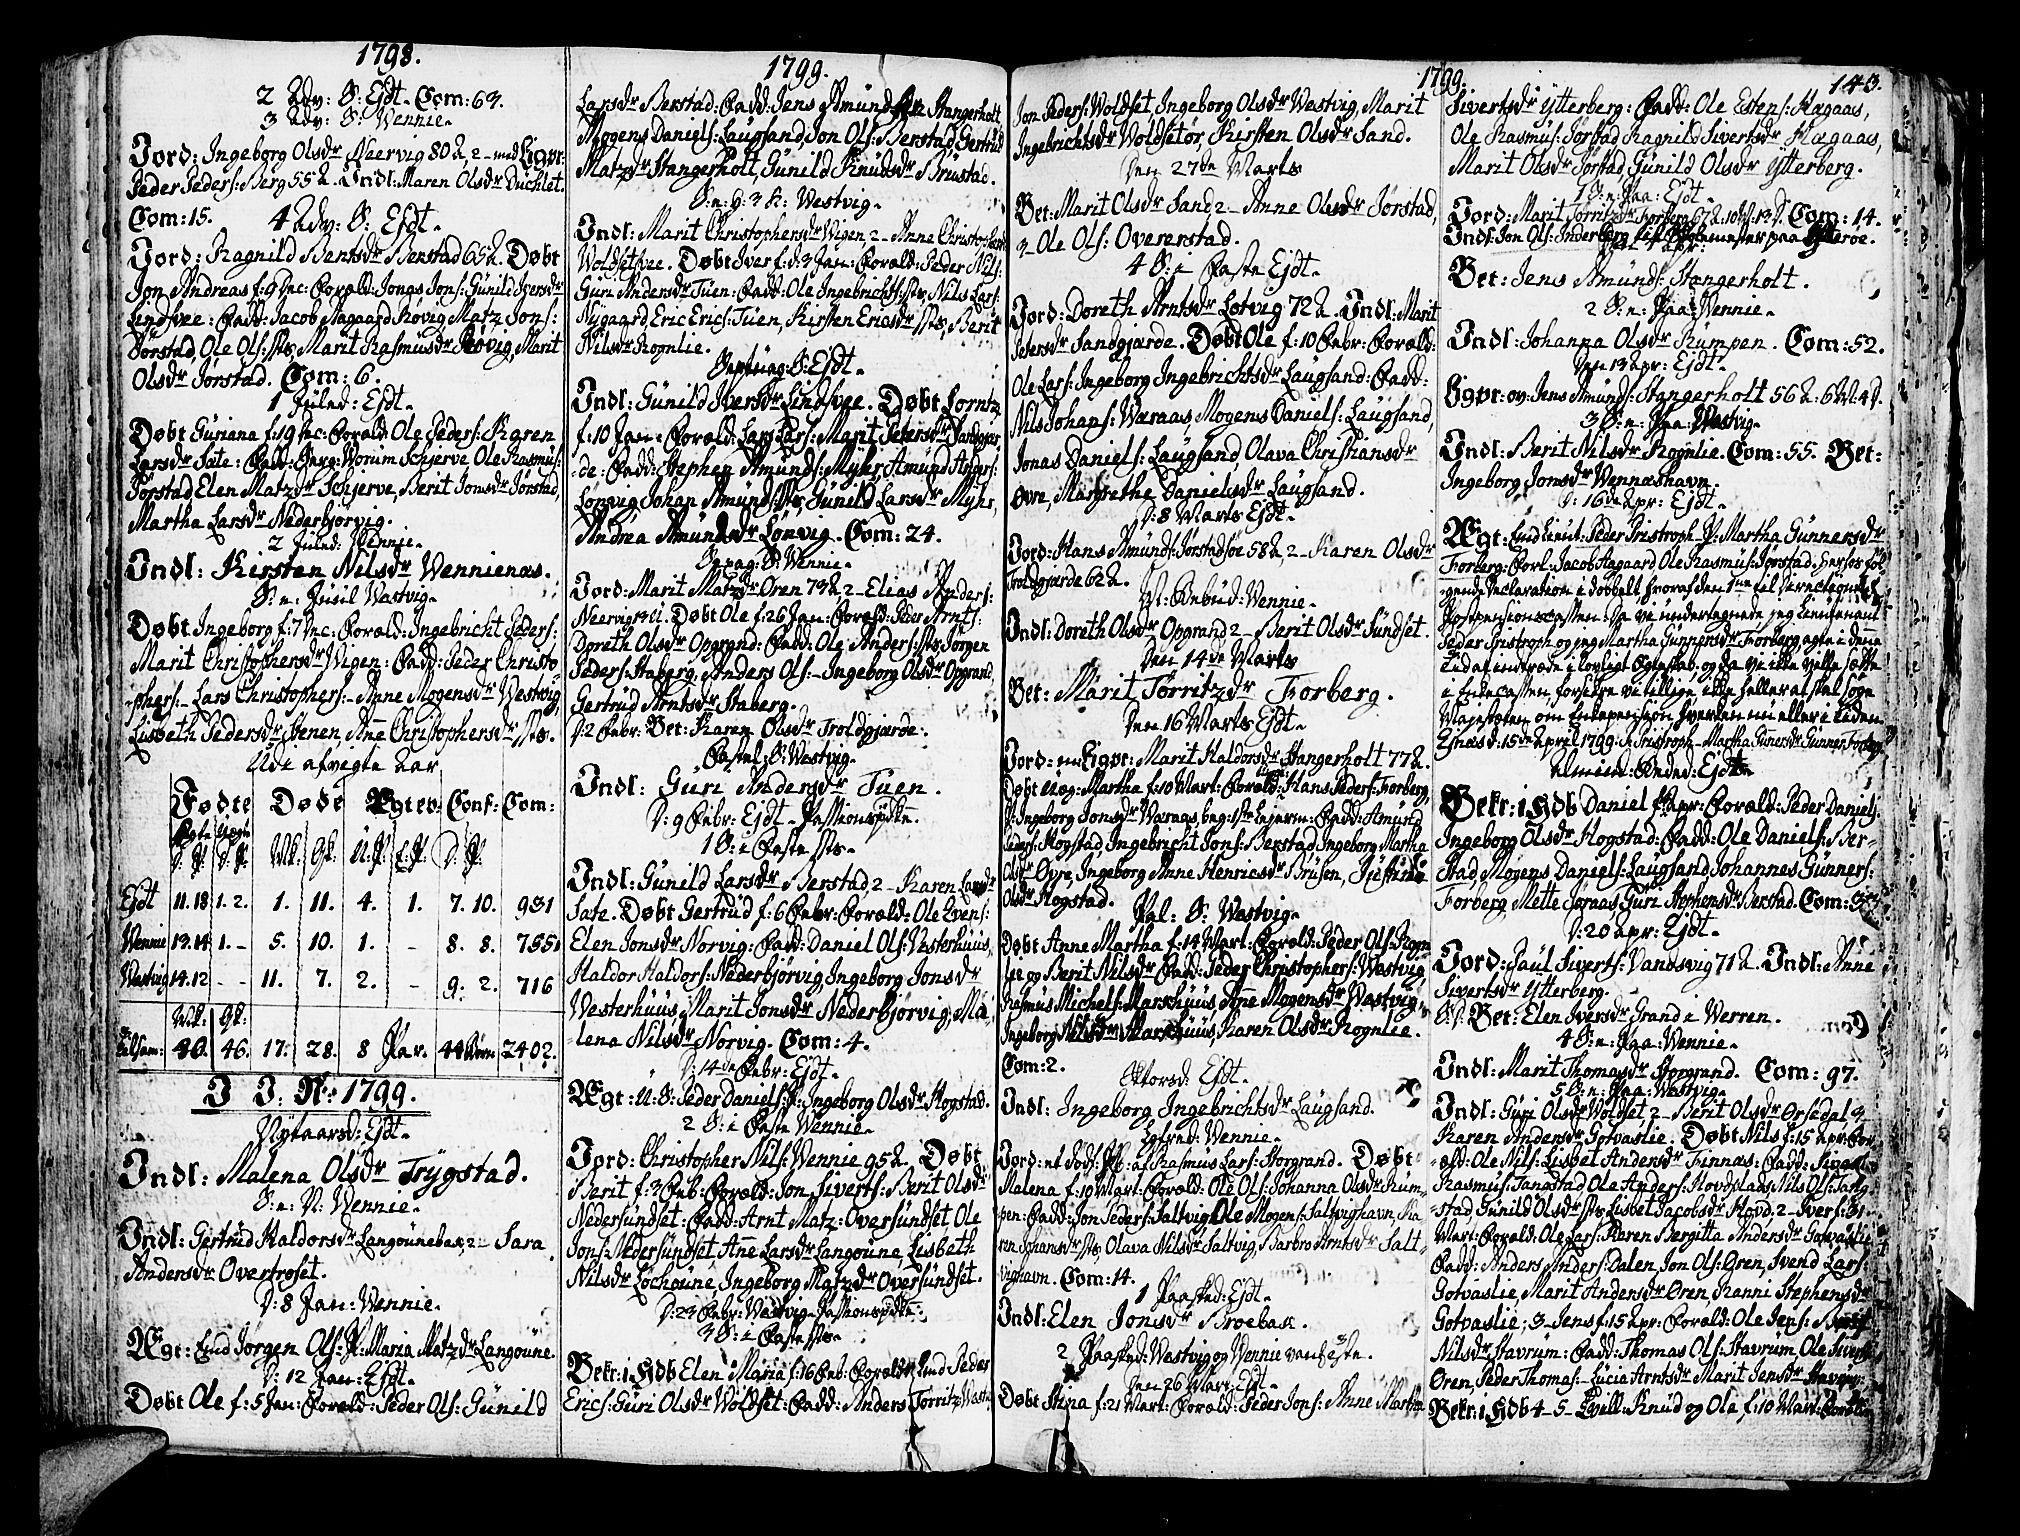 SAT, Ministerialprotokoller, klokkerbøker og fødselsregistre - Nord-Trøndelag, 722/L0216: Ministerialbok nr. 722A03, 1756-1816, s. 143